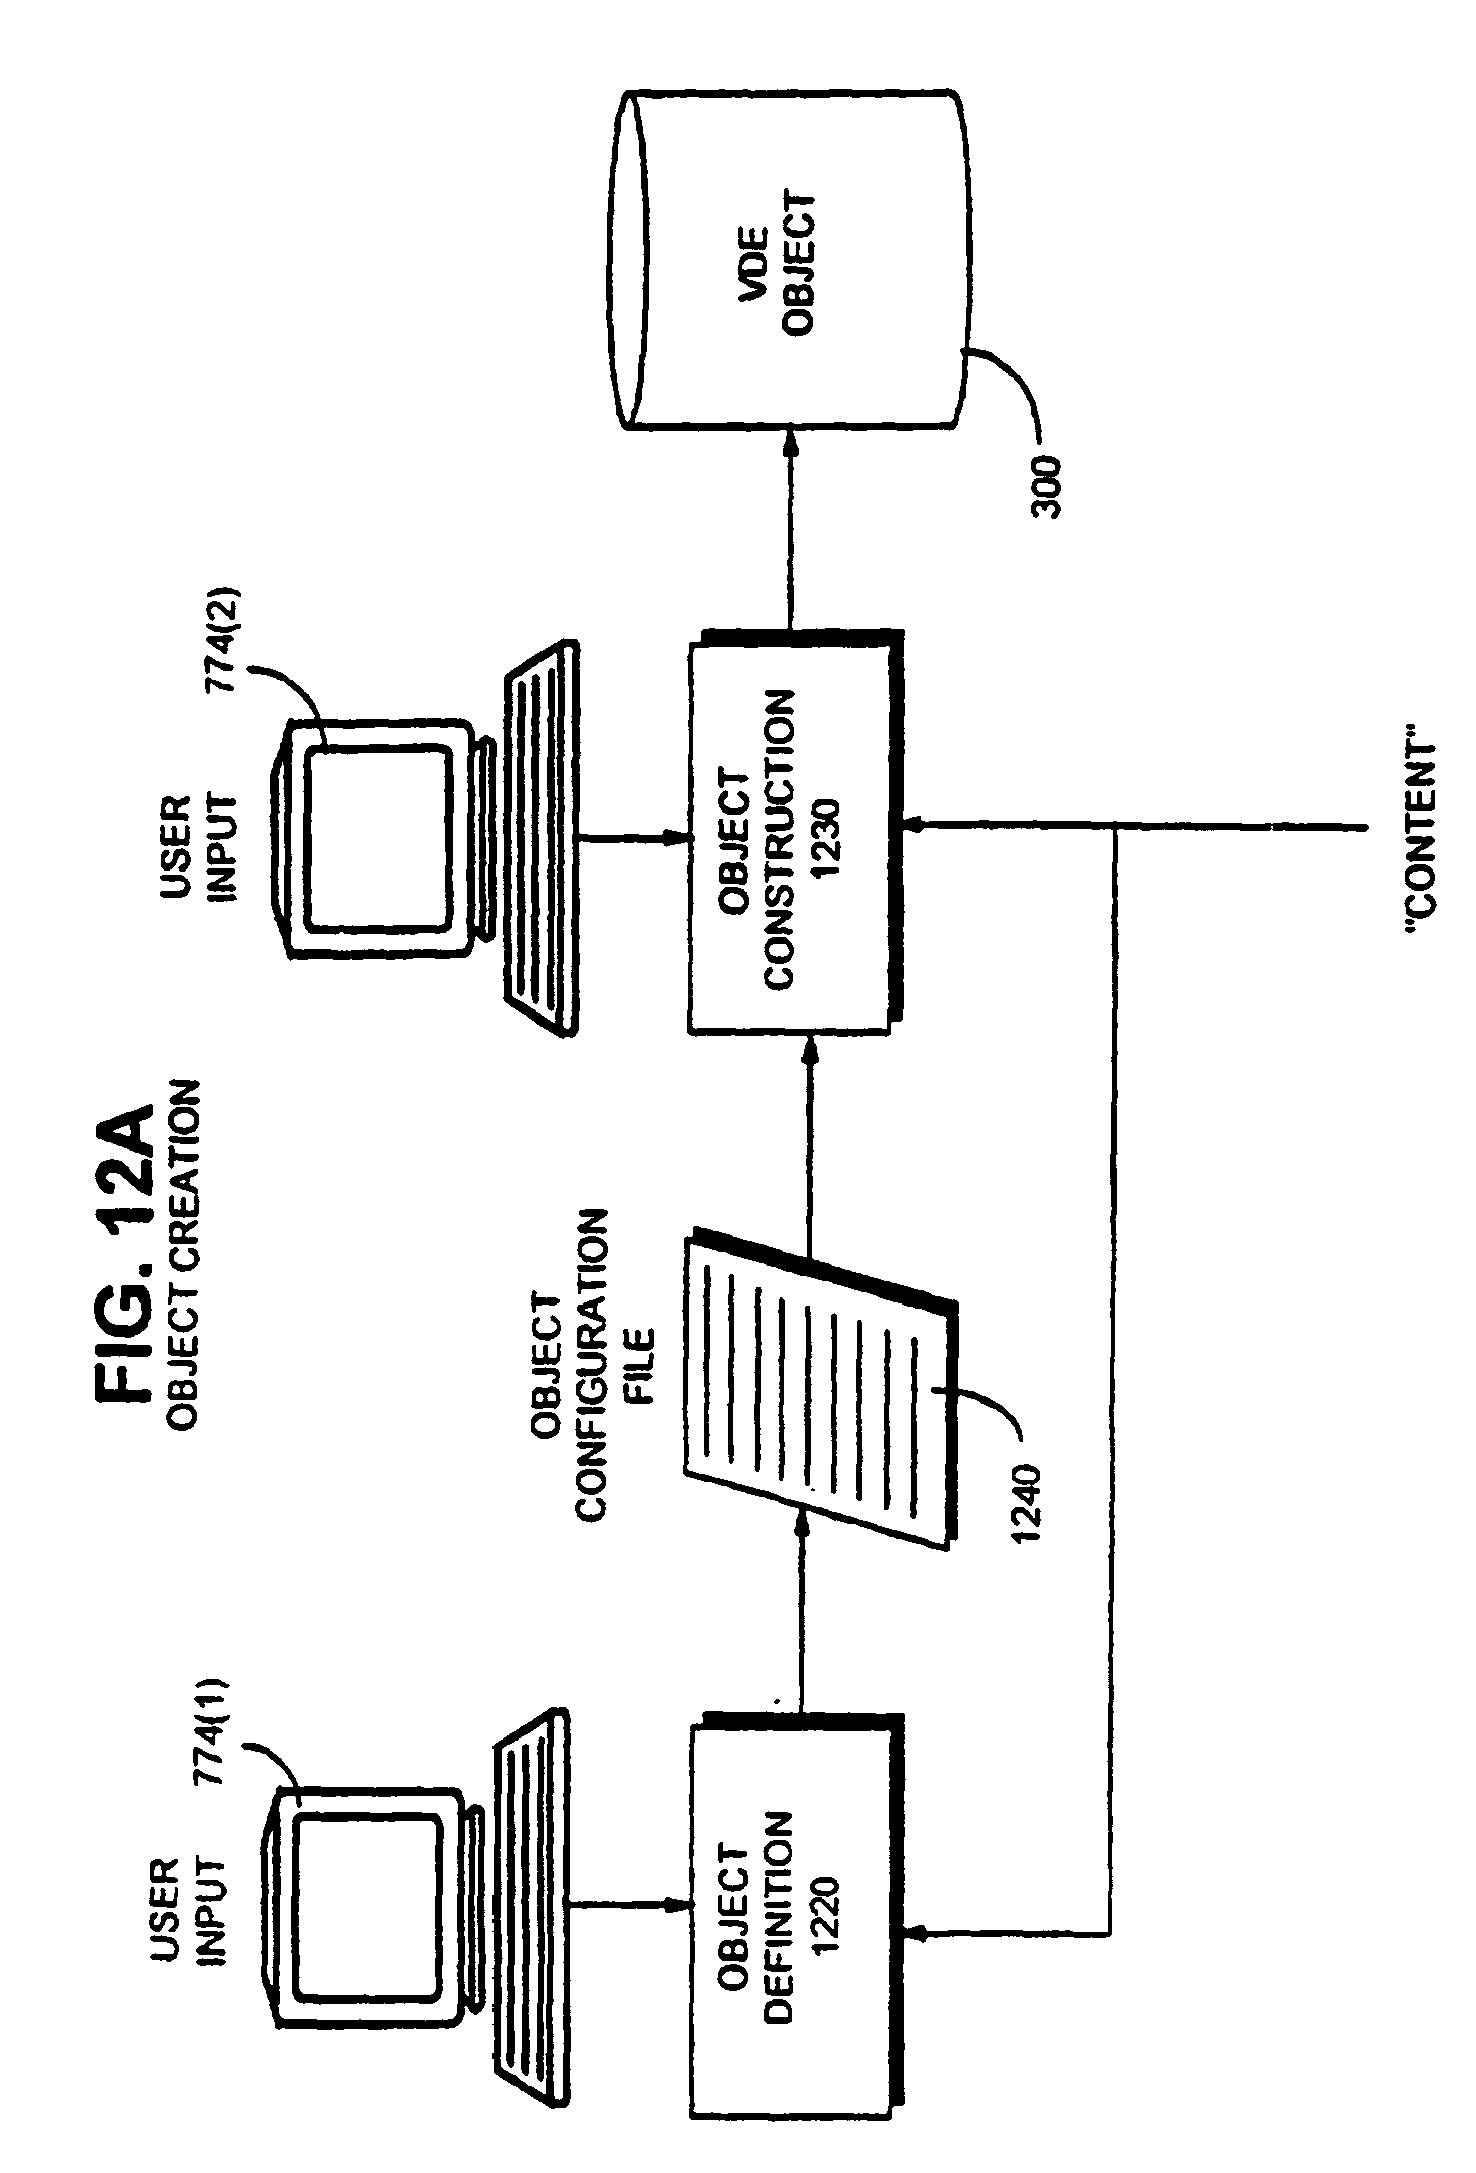 Ep0861461b1 Systeme Und Verfahren Fr Ein Sicheres Inductive Sensor Circuit 1 10 From 40 Votes 2 Bertragungsmanagement Elektronischerrechtsschutz Google Patents